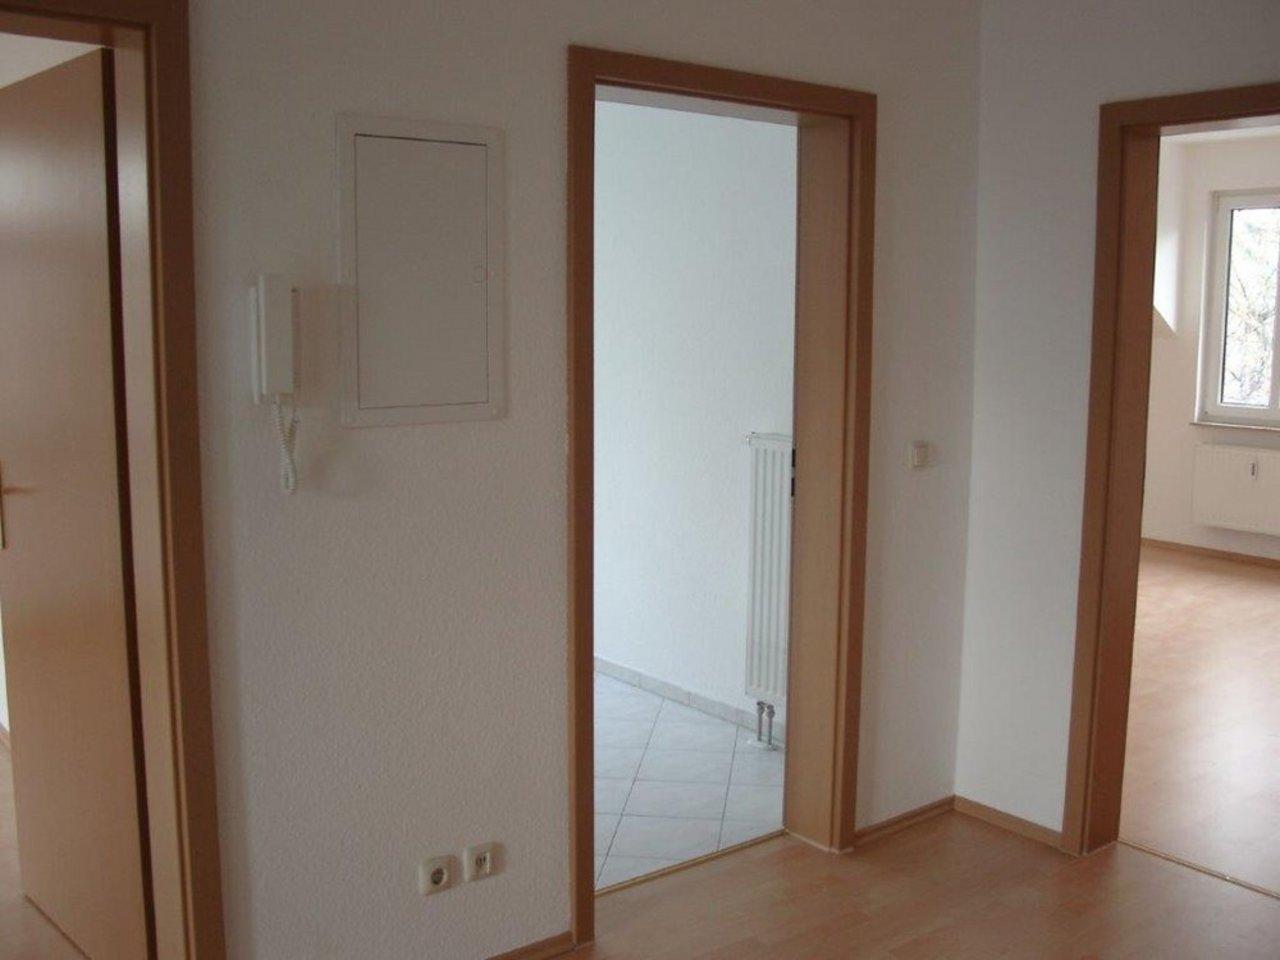 Attraktive, sonnige 2-Zimmerwohnung in bester Lage von Arnstadt-Flur